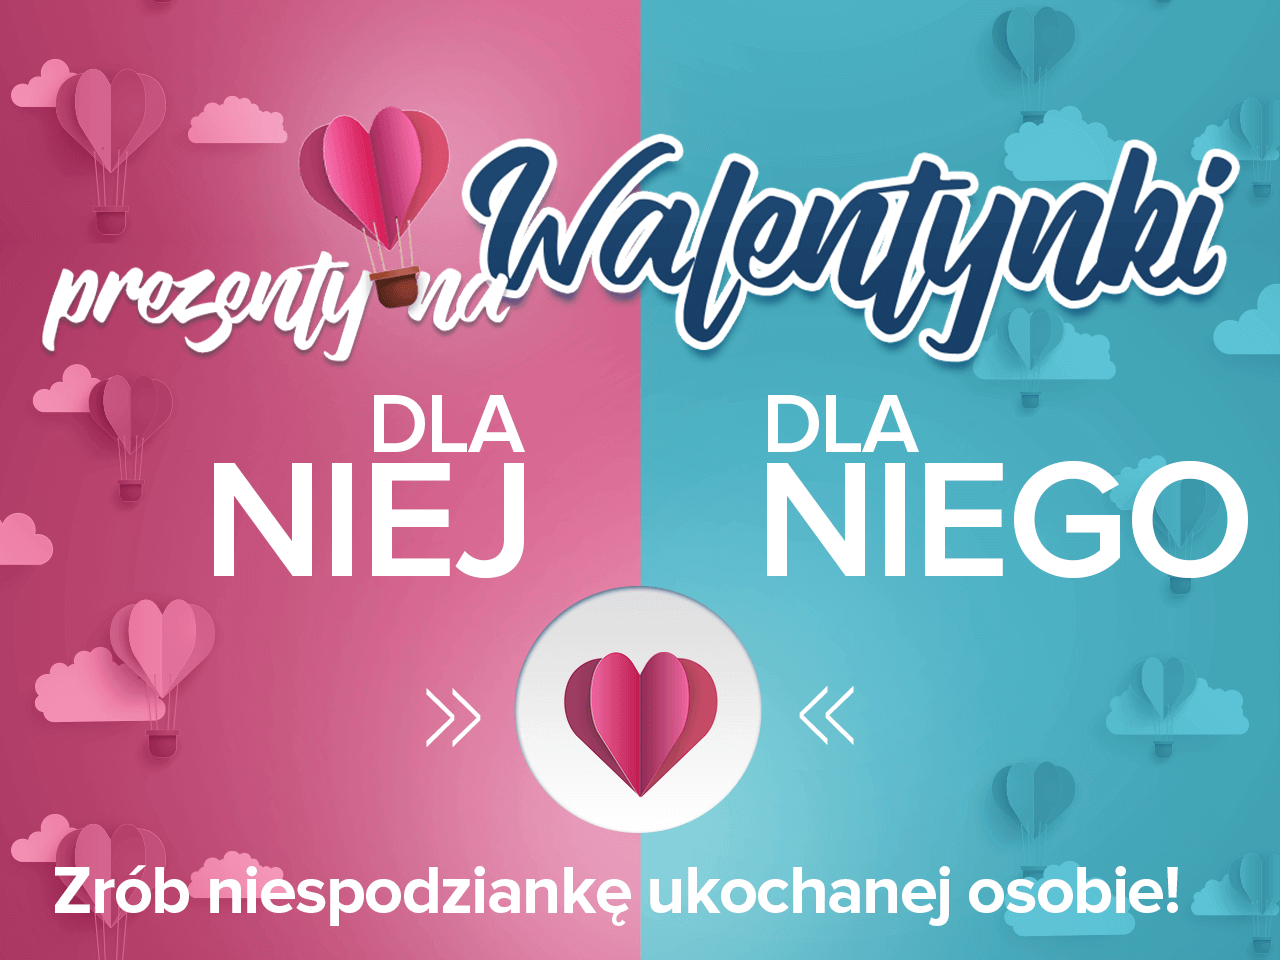 Gazetka promocyjna Ceneo.pl do 14/02/2018 str.1